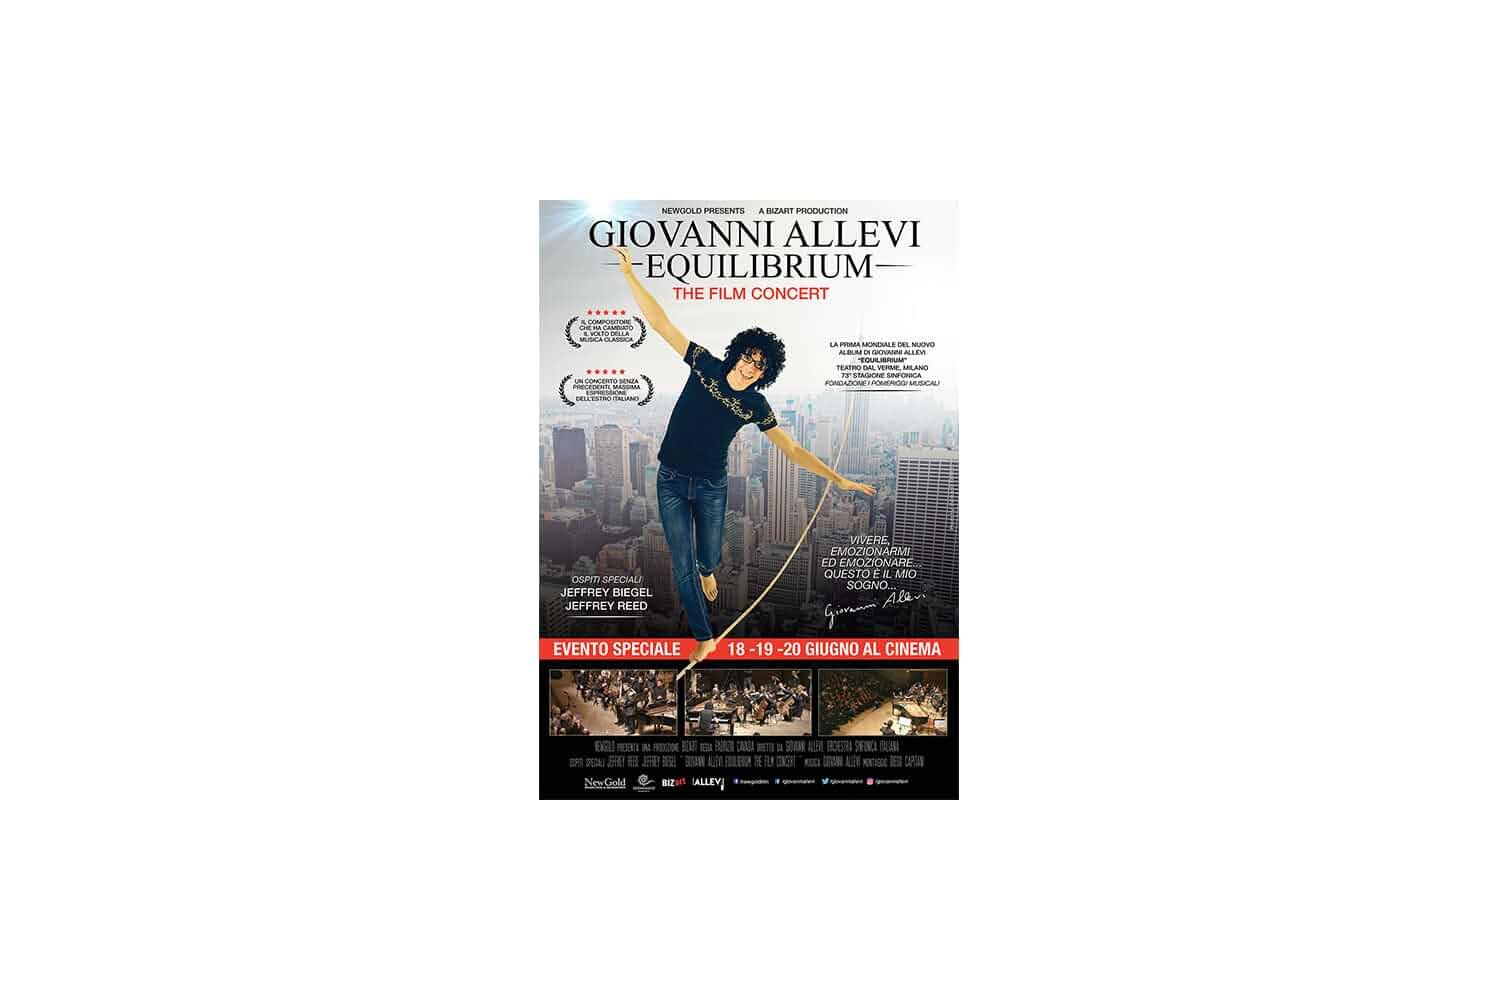 Giovanni Allevi - Equilibrium: the film concert (2018)